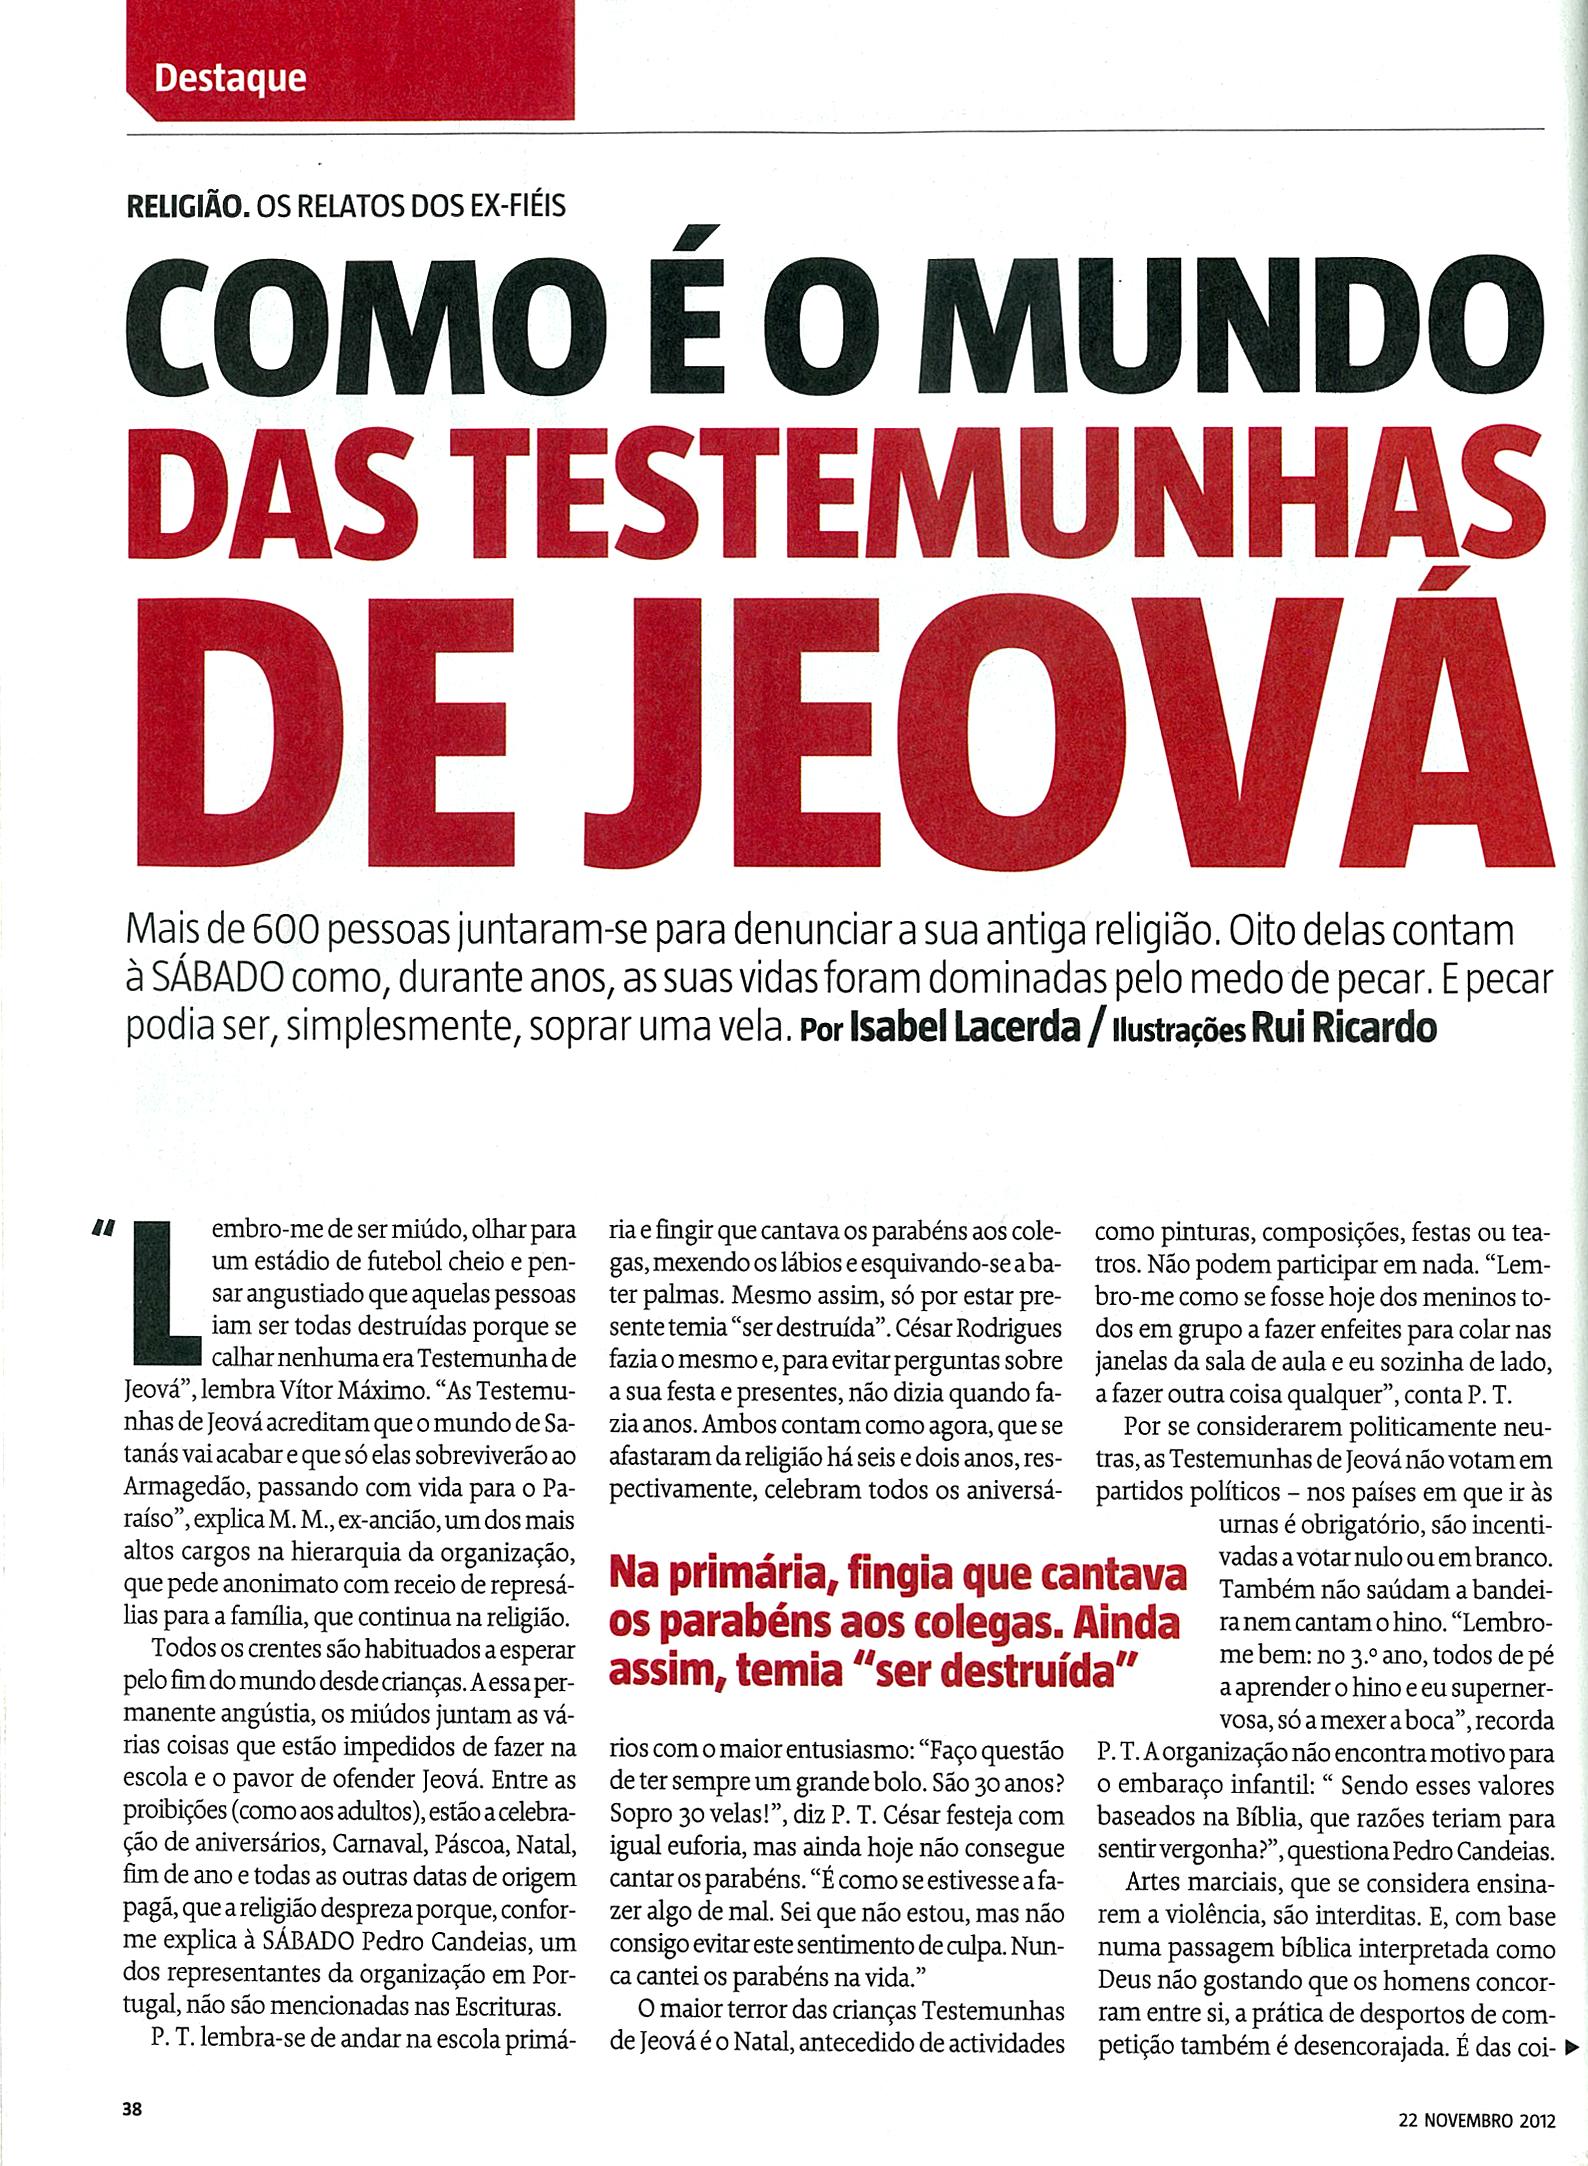 LINK ATUALIZADO - Revista Sábado digitalizada - artigo sobre as Testemunhas de Jeová Pag2a